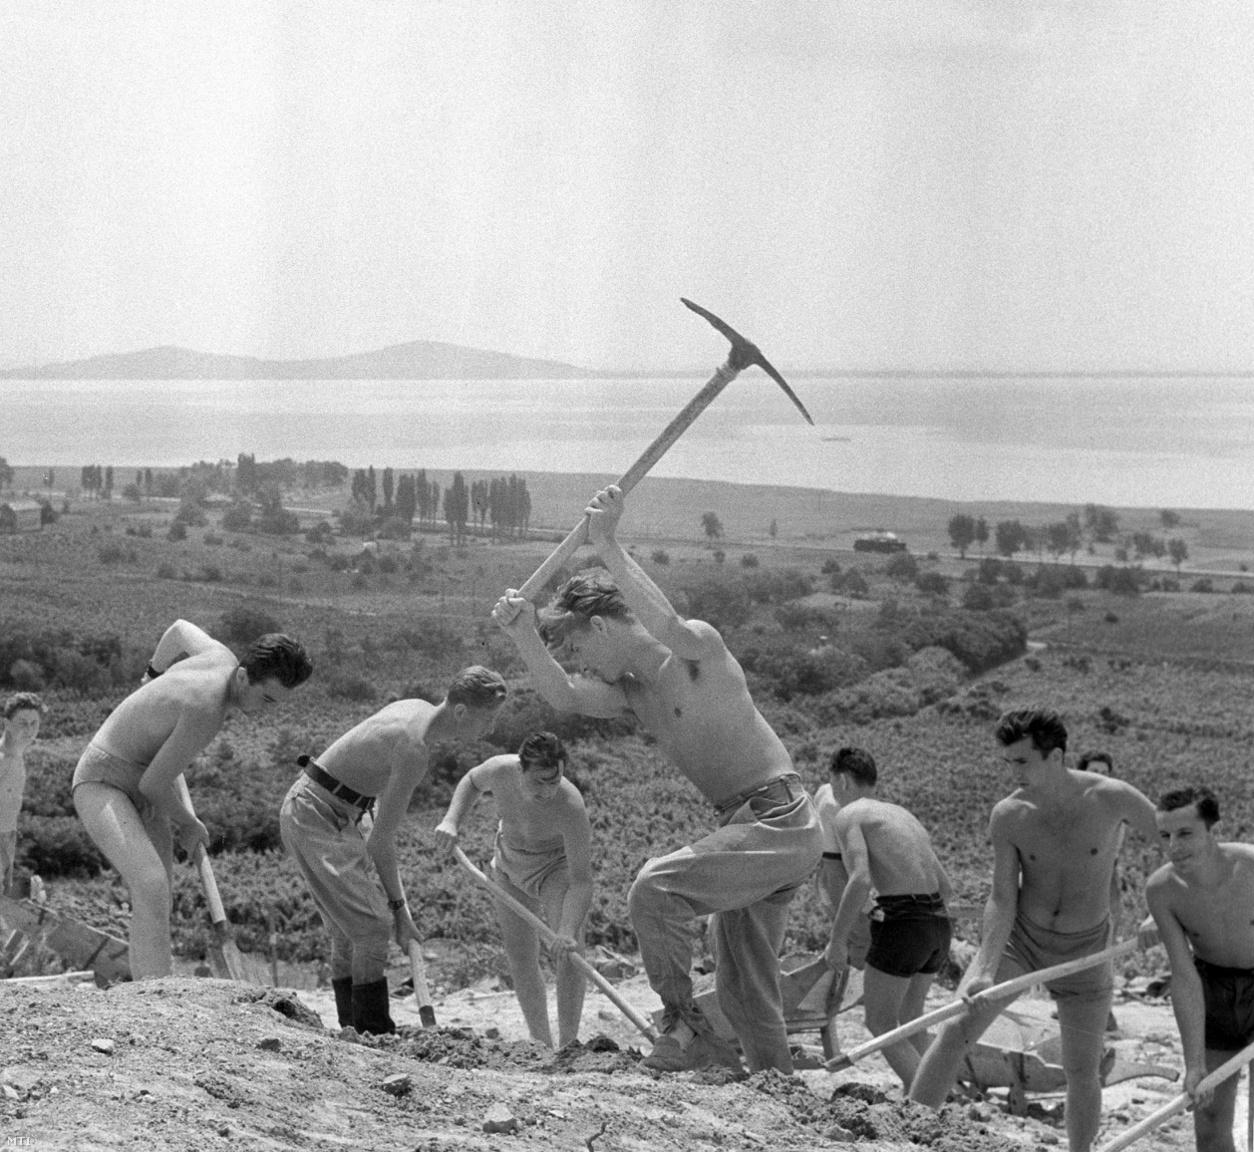 A badacsonyi hegyoldalon dolgoznak a KISZ (Kommunista Ifjúsági Szövetség) Lékai János önkéntes ifjúsági tábor tagjai akik a szőlőtermő vidék rekonstrukcióján dolgoznak. (1959)